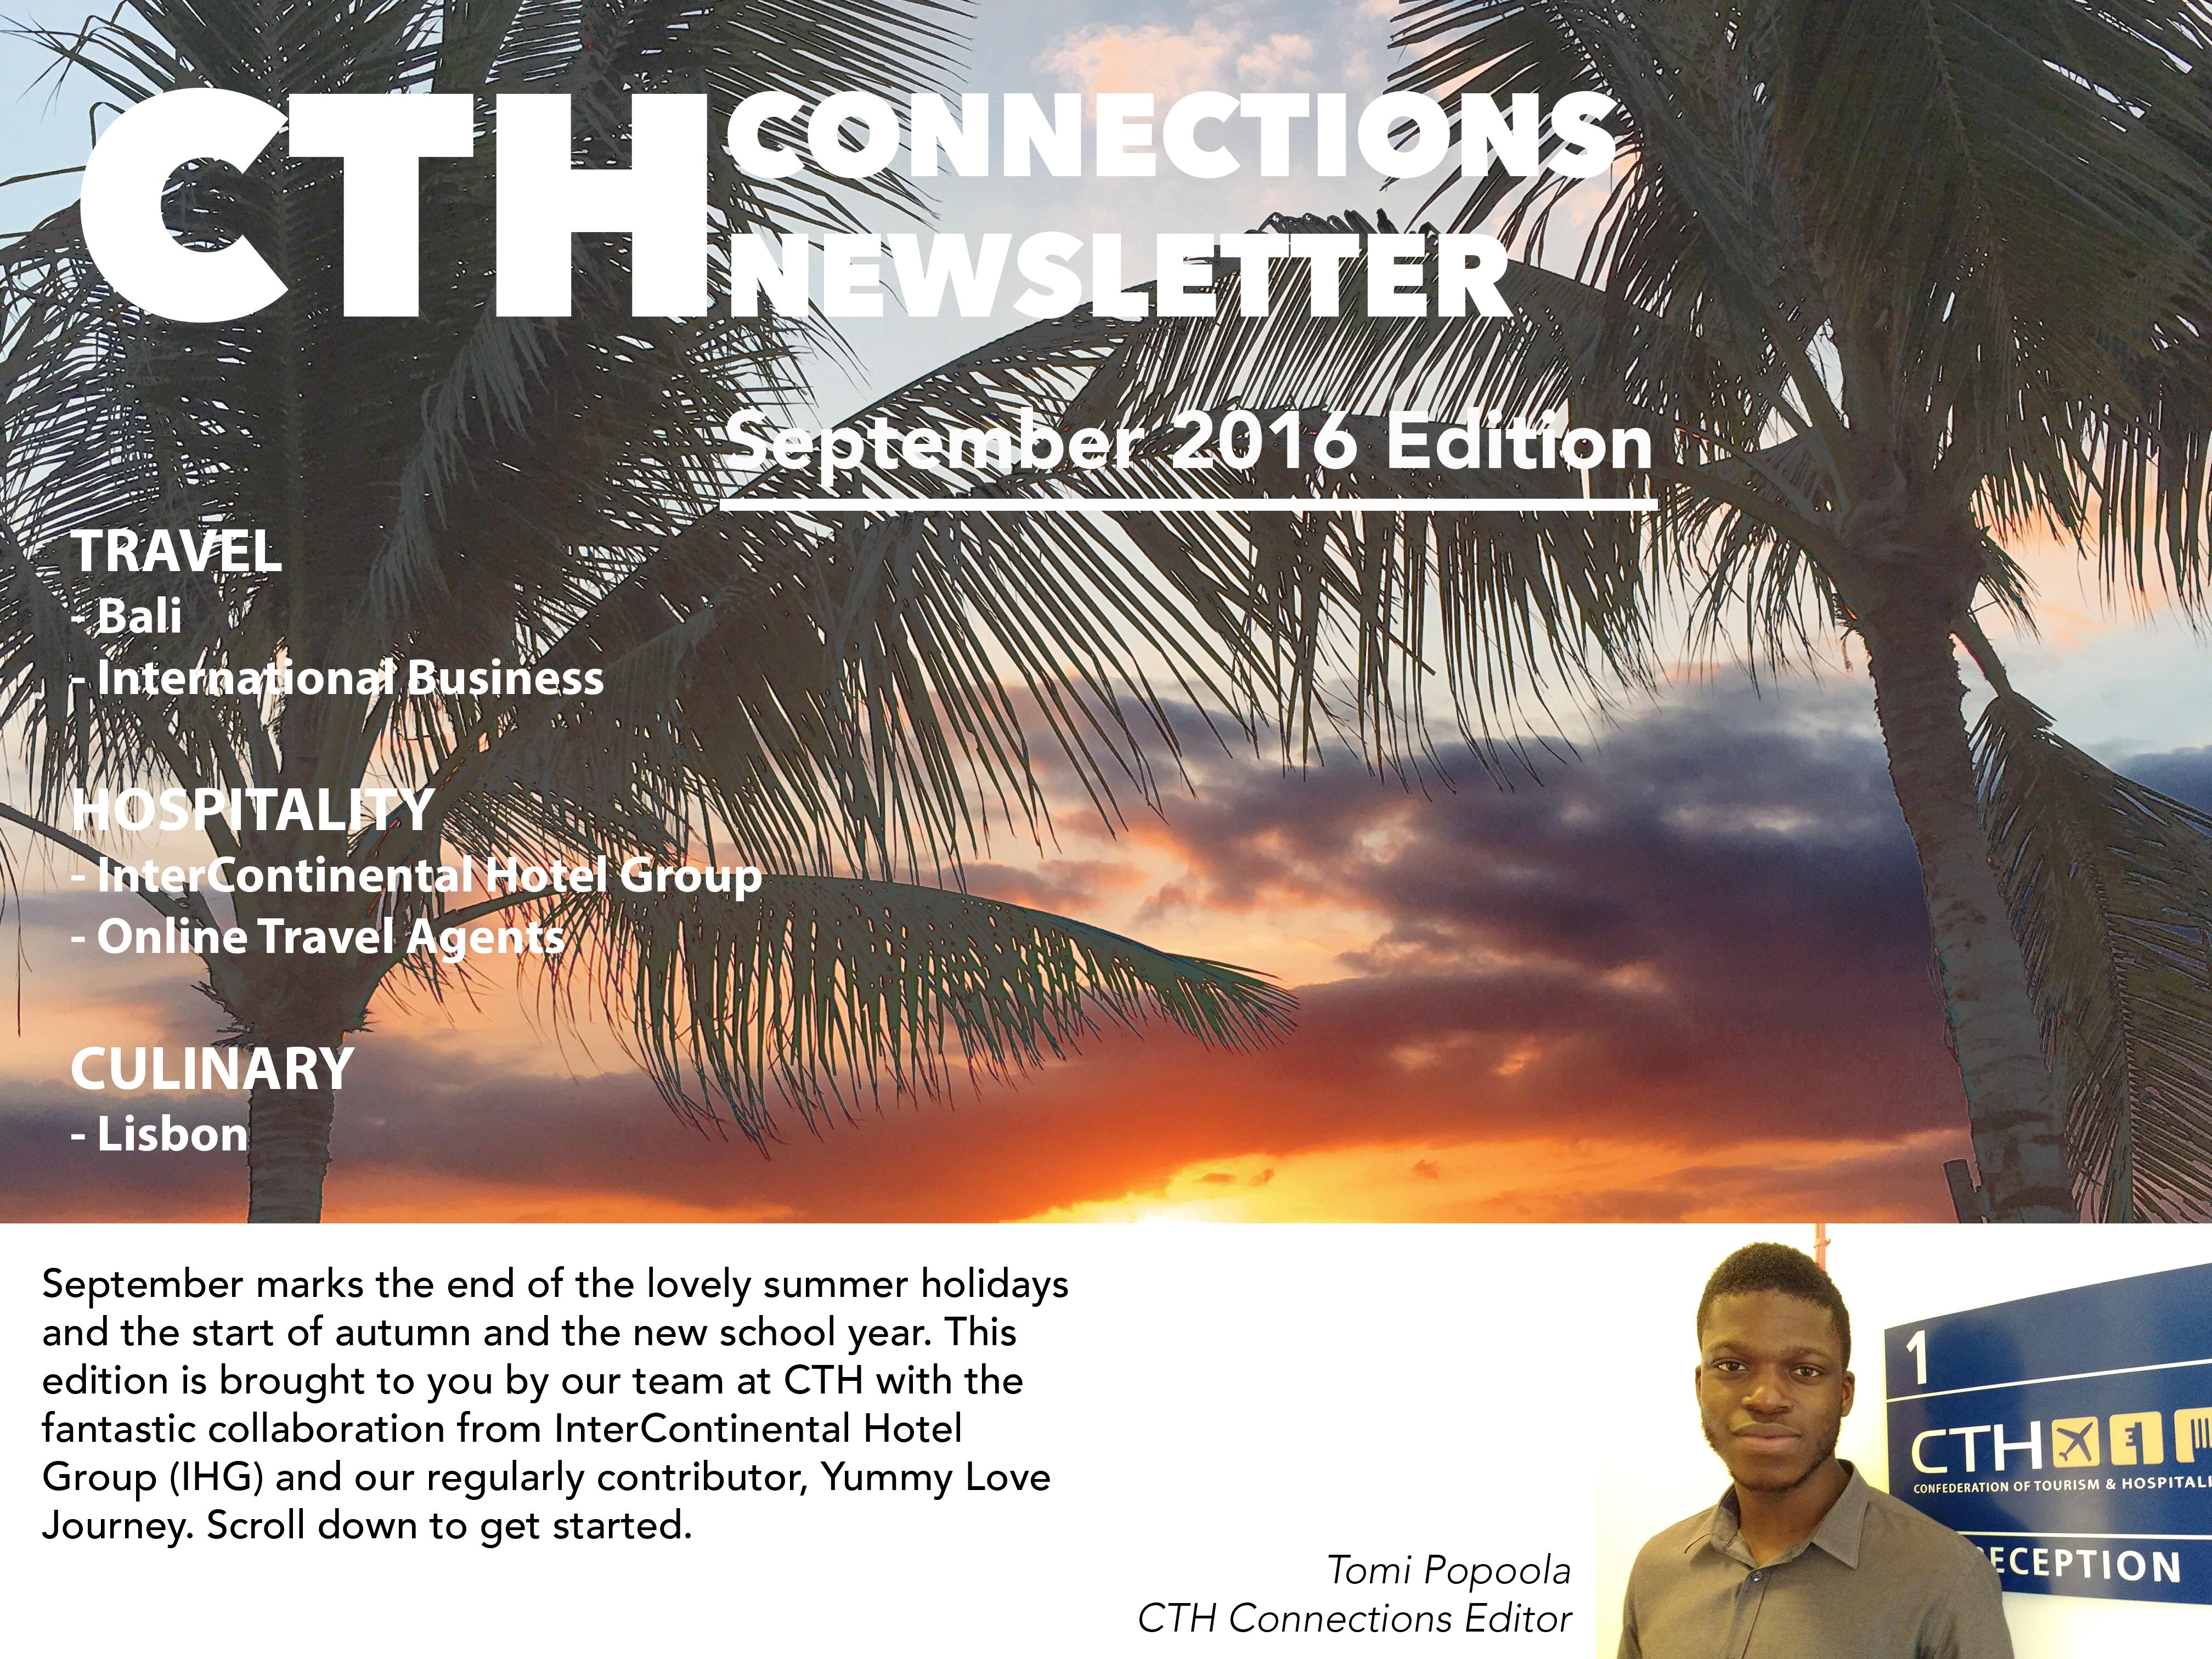 september-2016-newsletter-cover-image